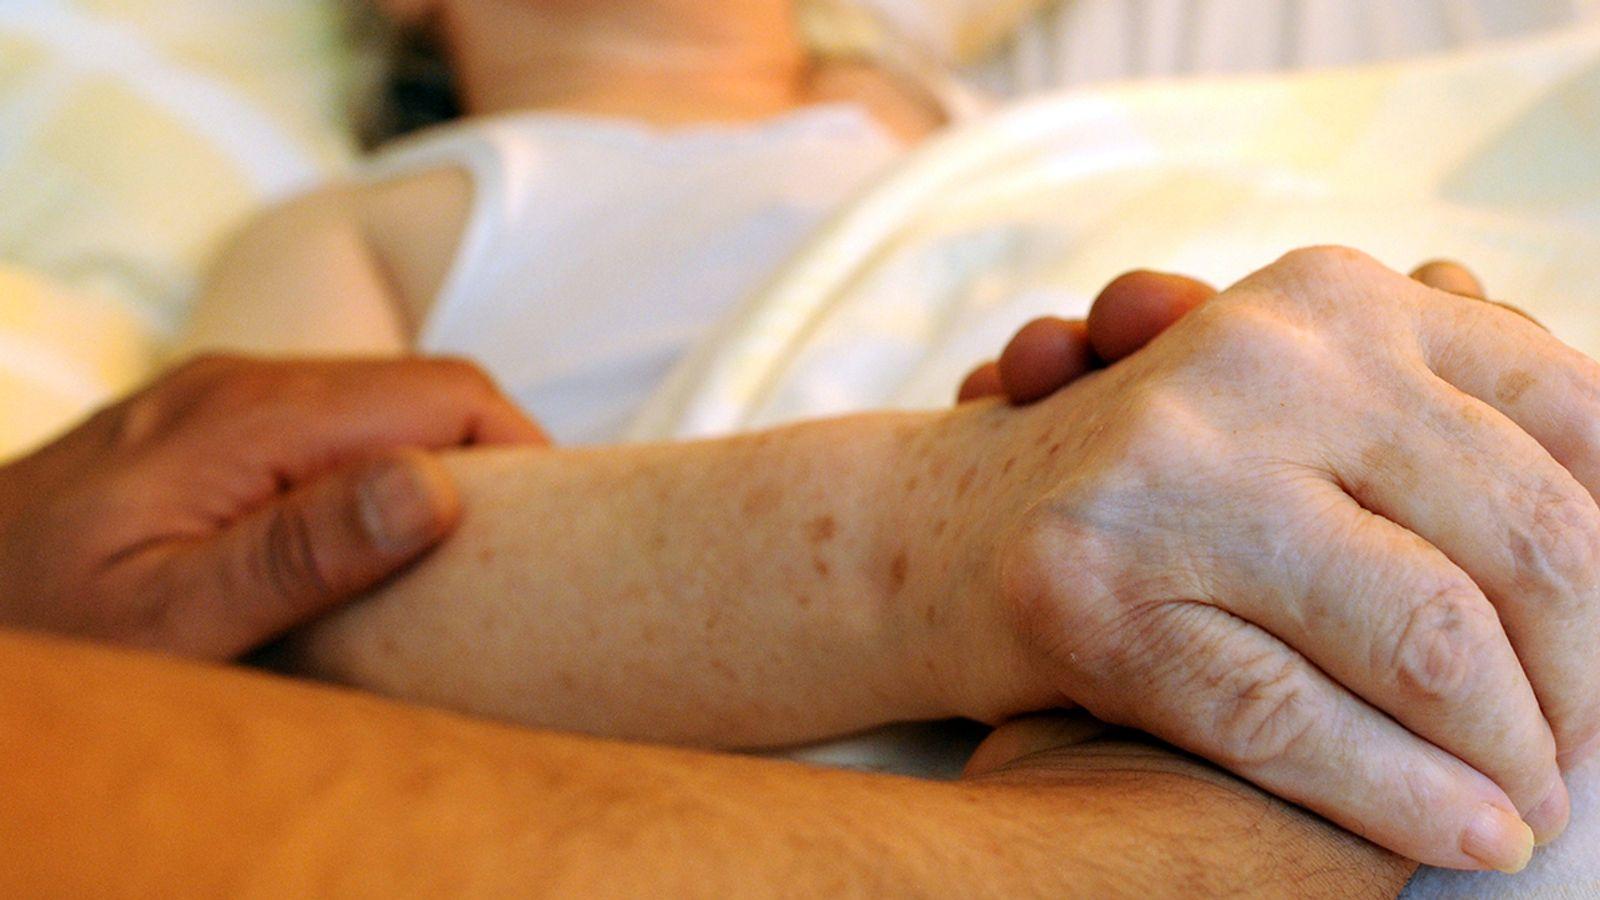 Sterbehilfe: Die wichtigsten Fragen und Antworten